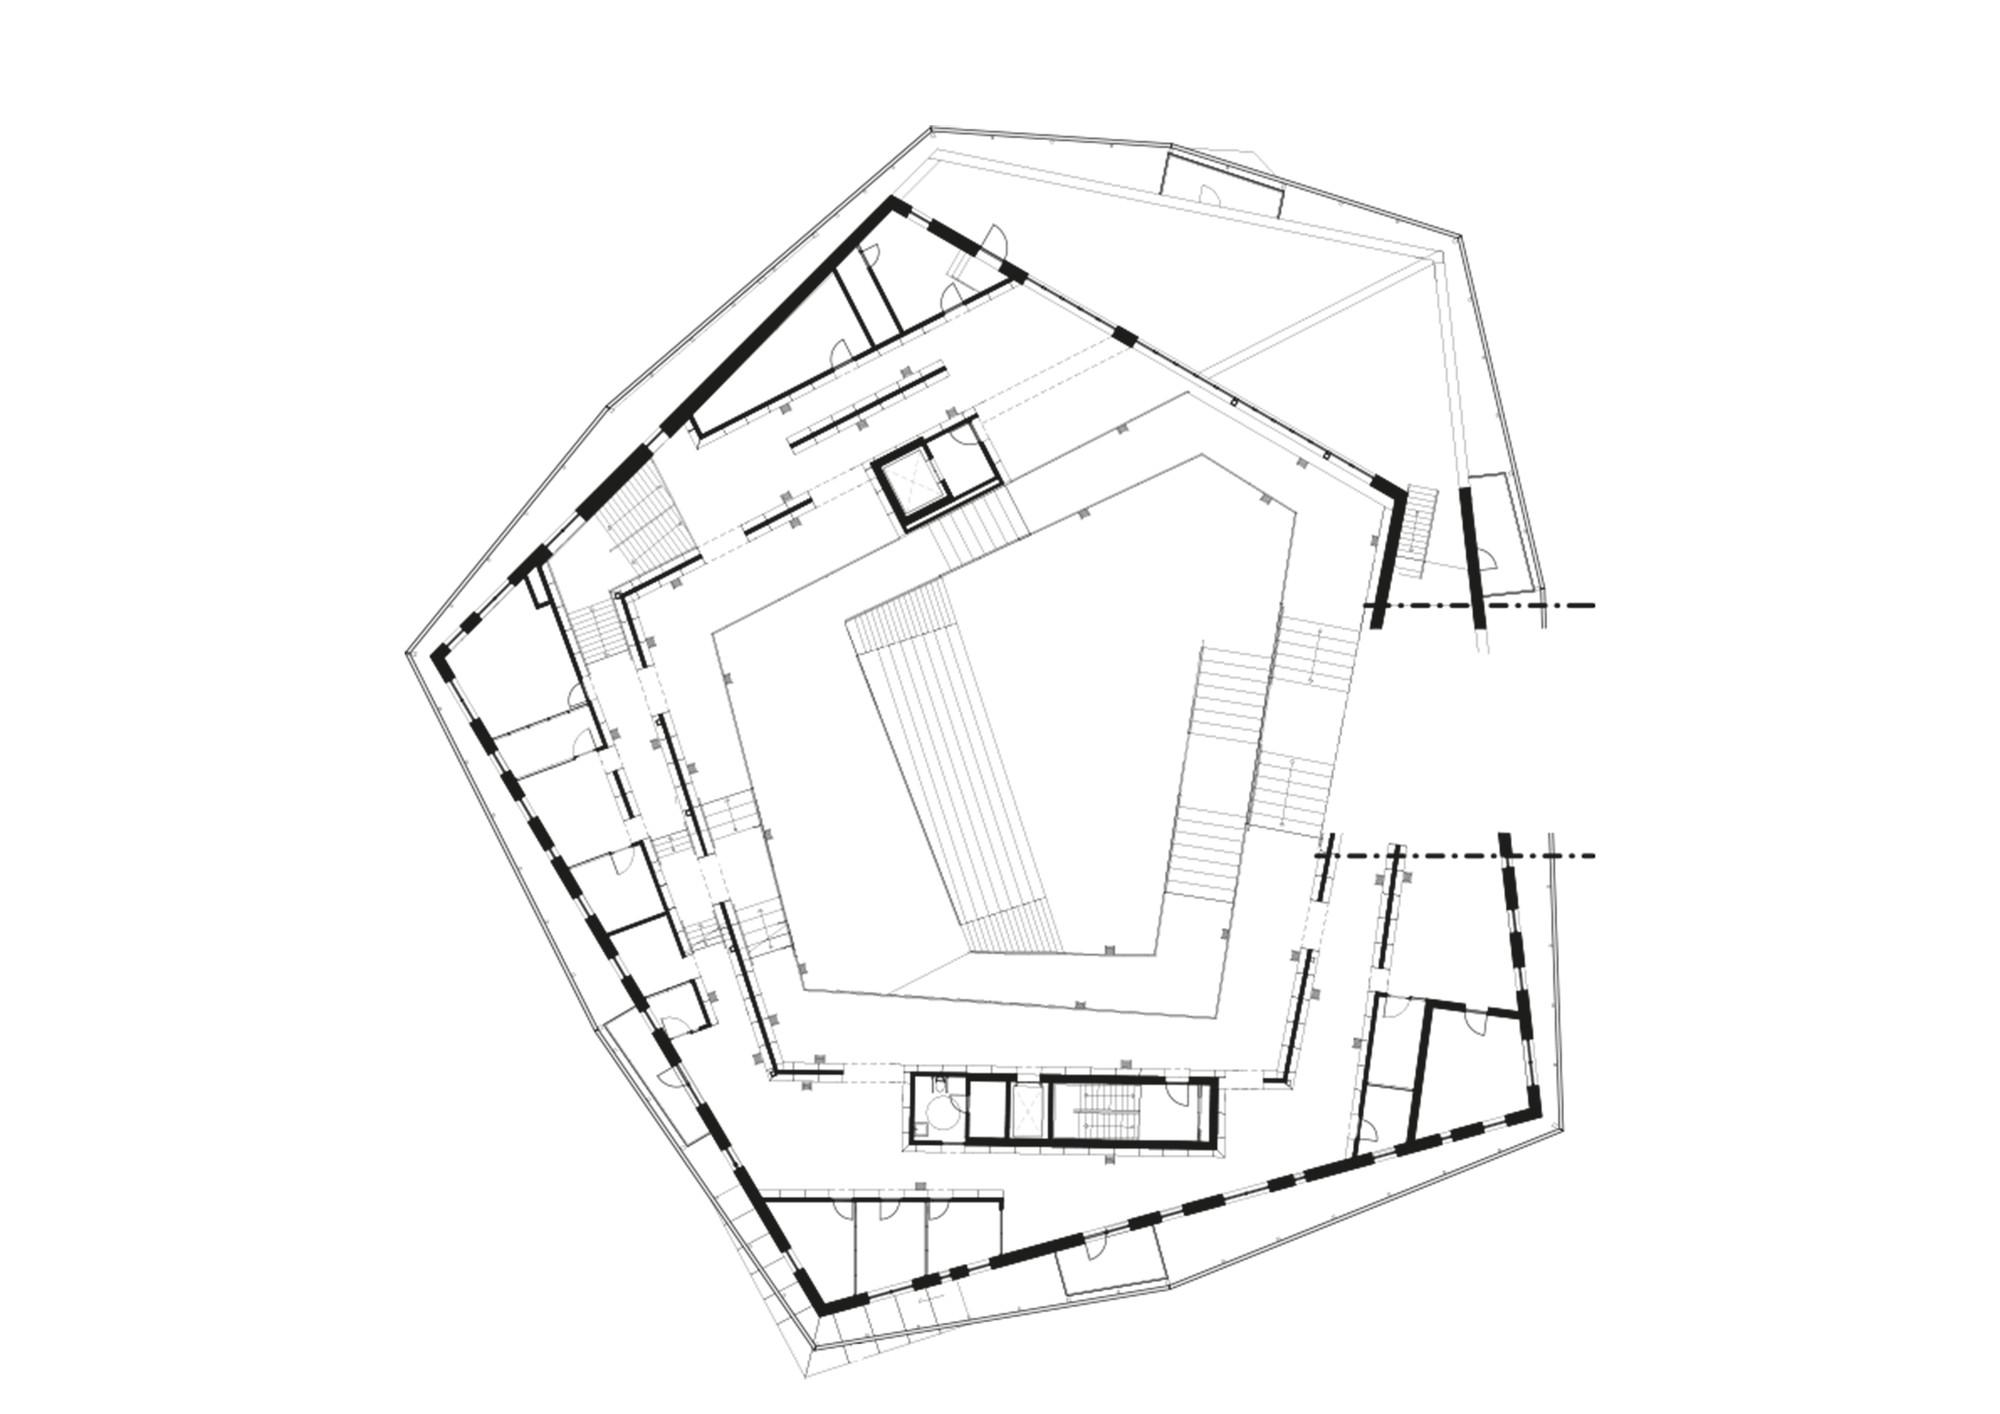 2000x1414 Dalarna Media Library Adept Archdaily